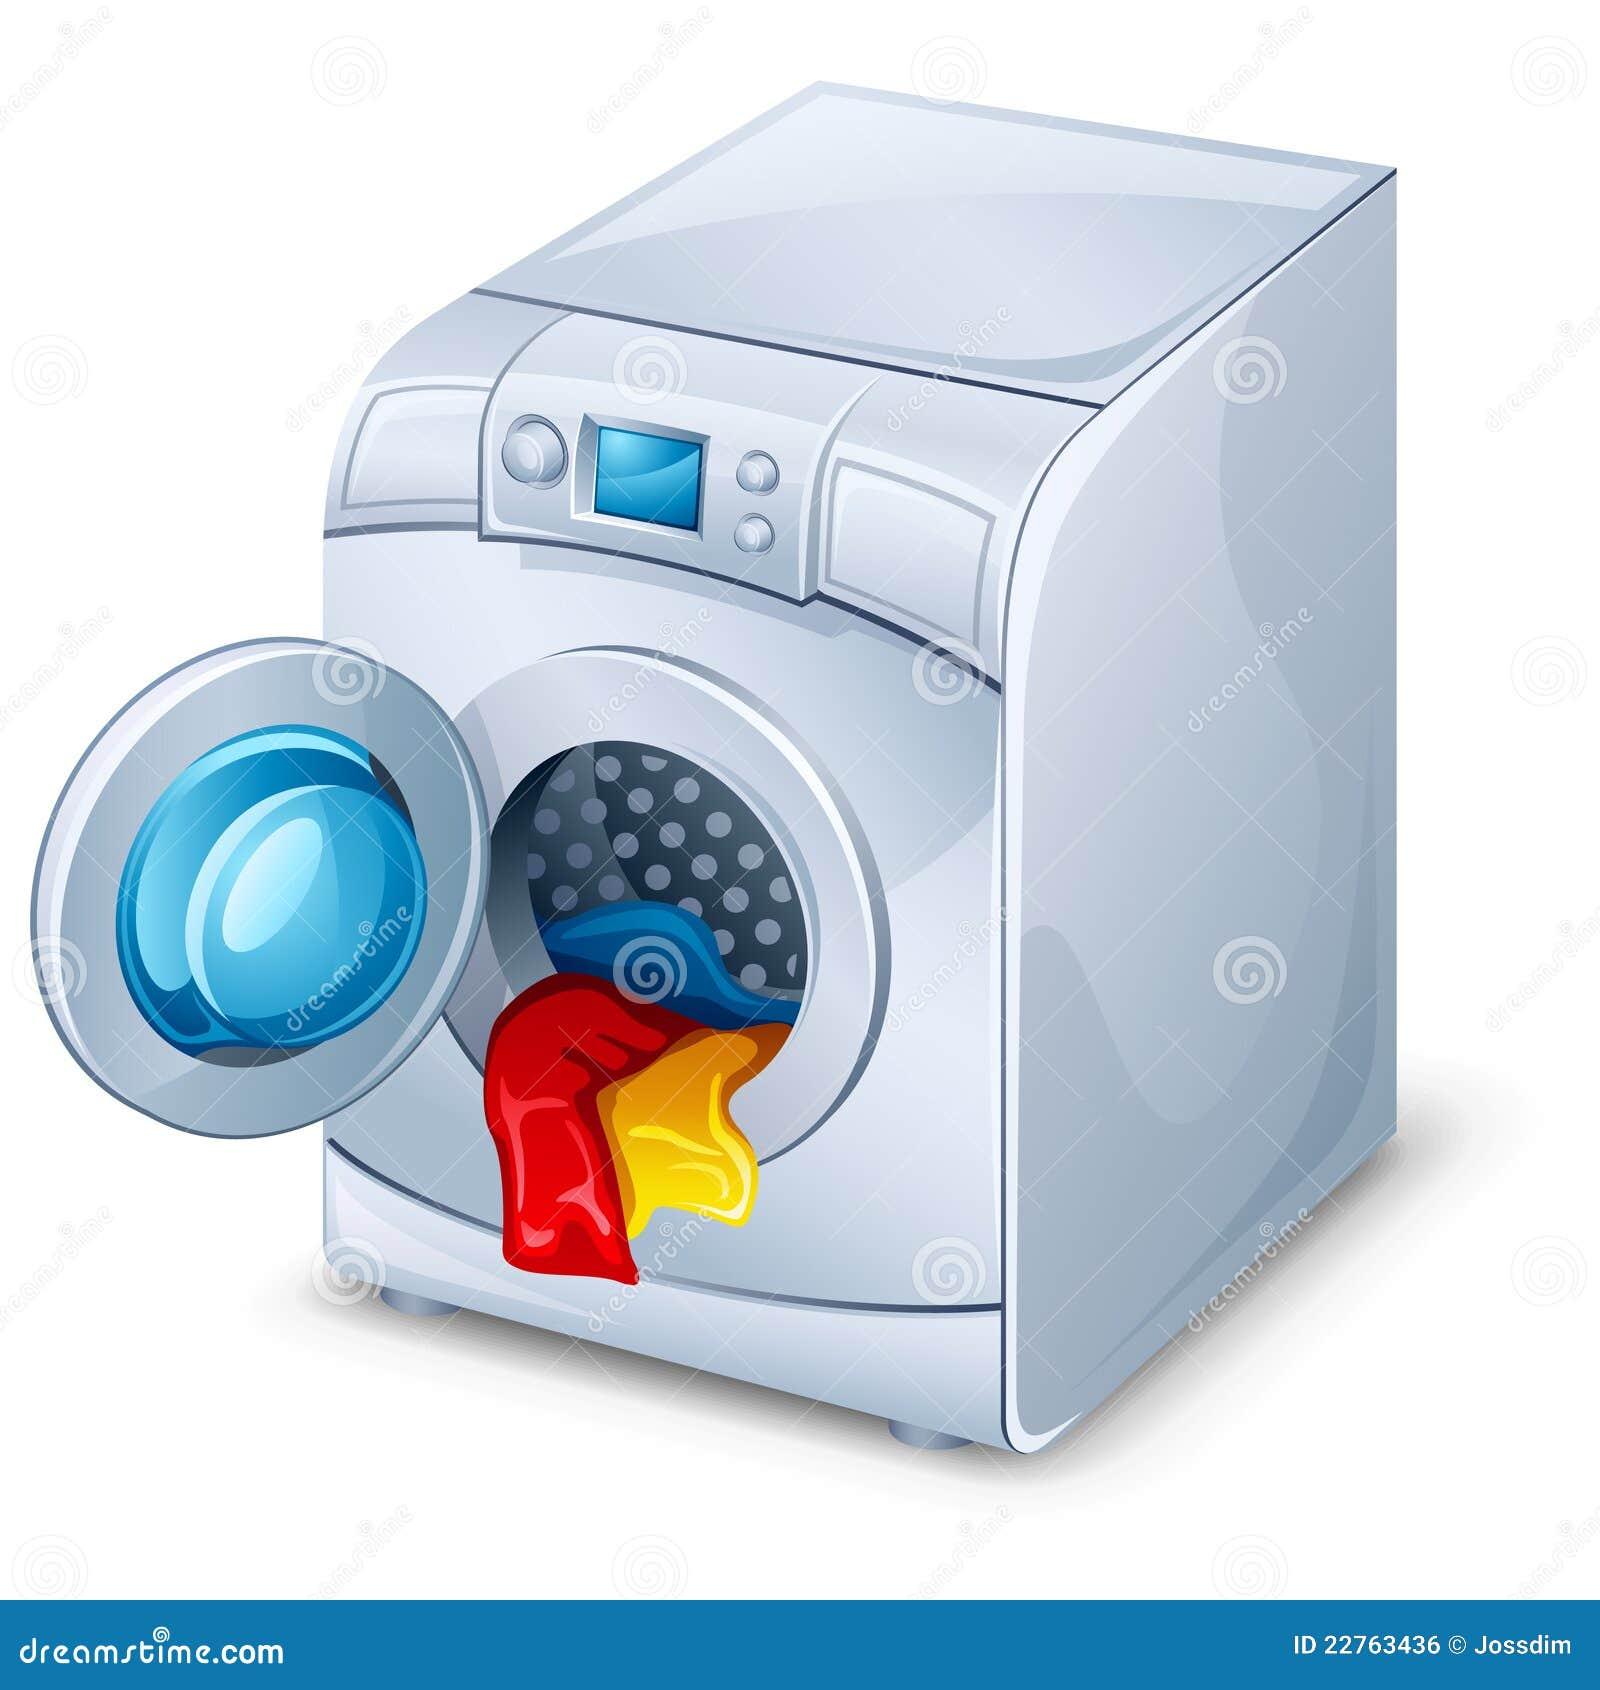 Lavadora ilustraci n del vector ilustraci n de lavado - Fotos de lavadoras ...